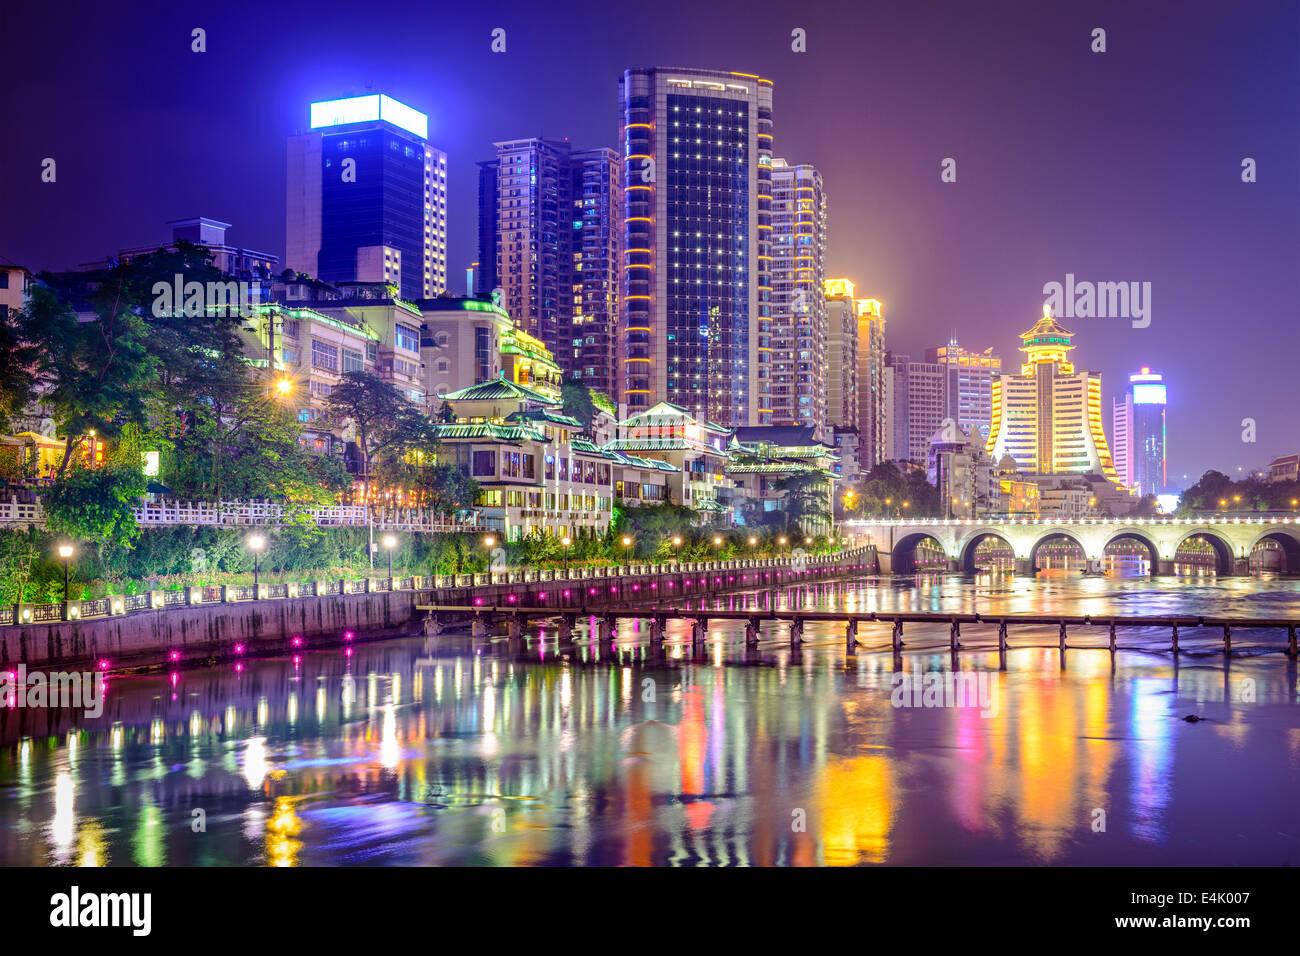 Guiyang, China cityscape on the Nanming River. - Stock Image